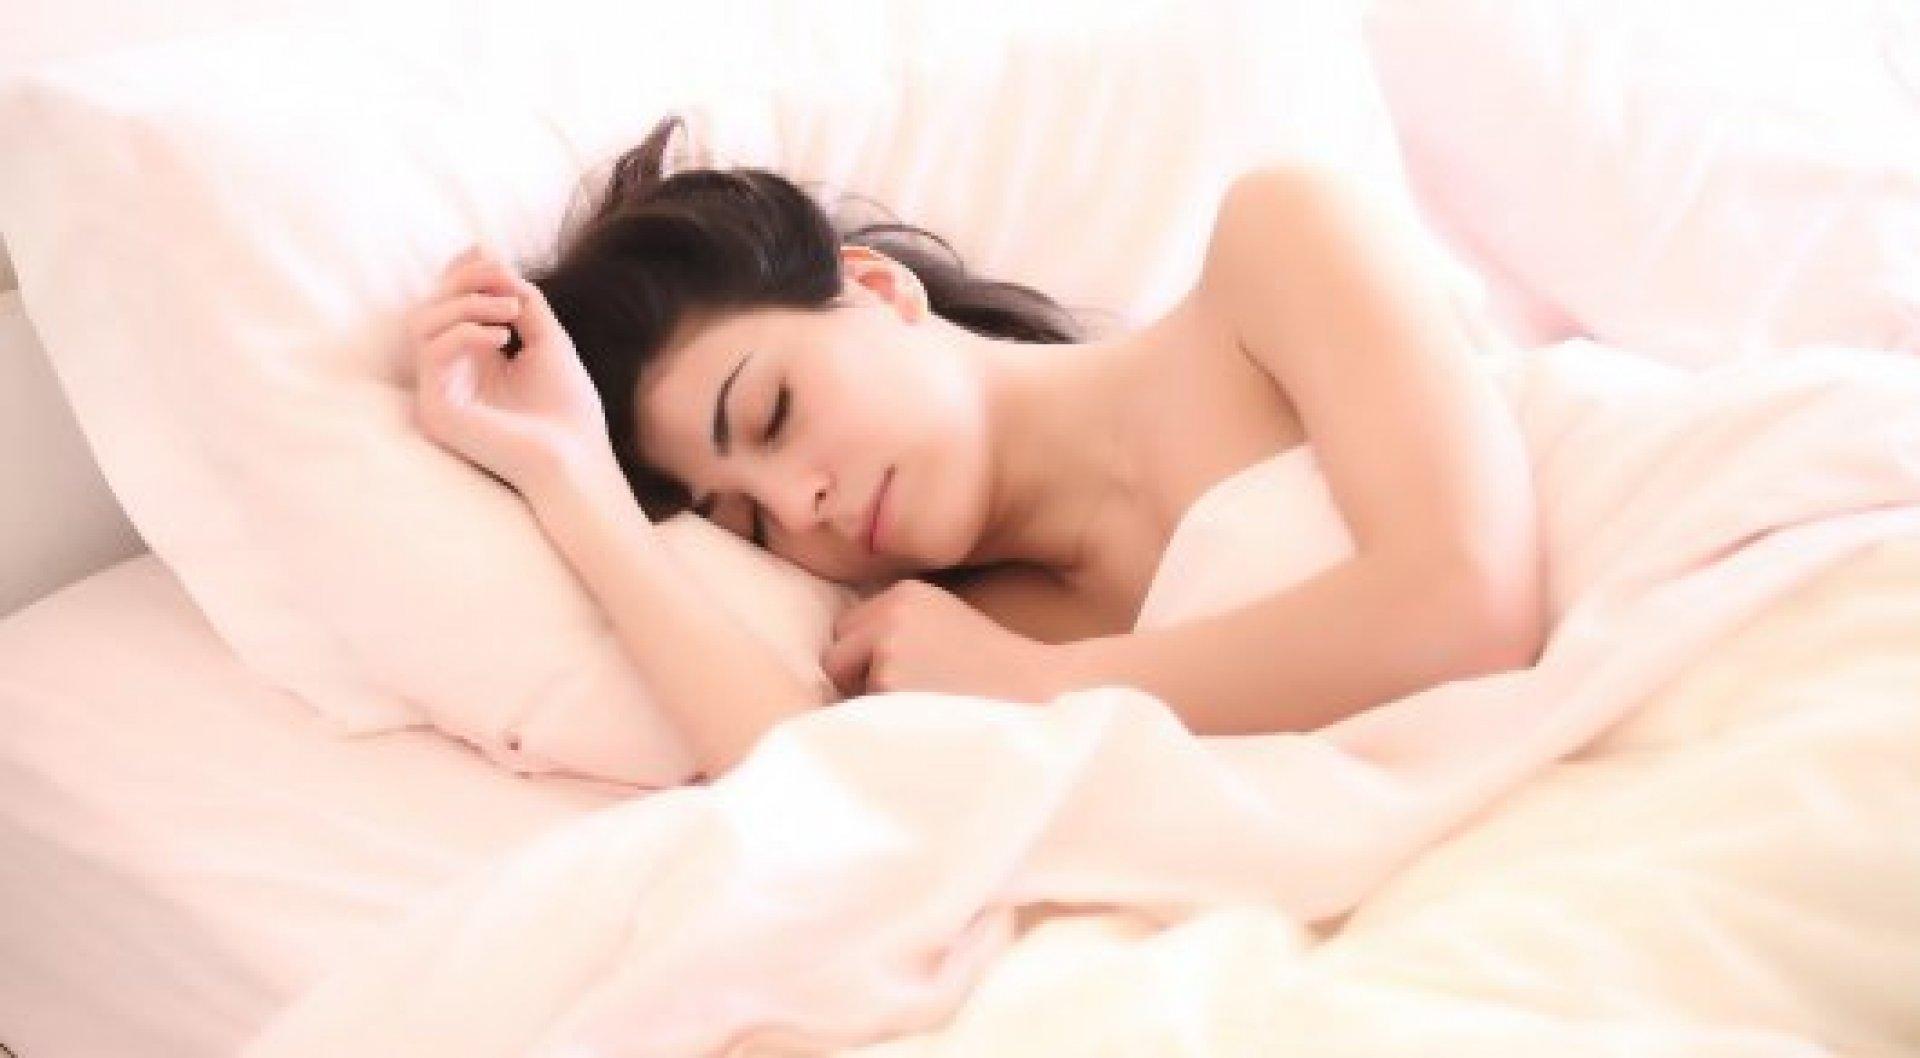 Сон при свете повышает риск рака - ученые